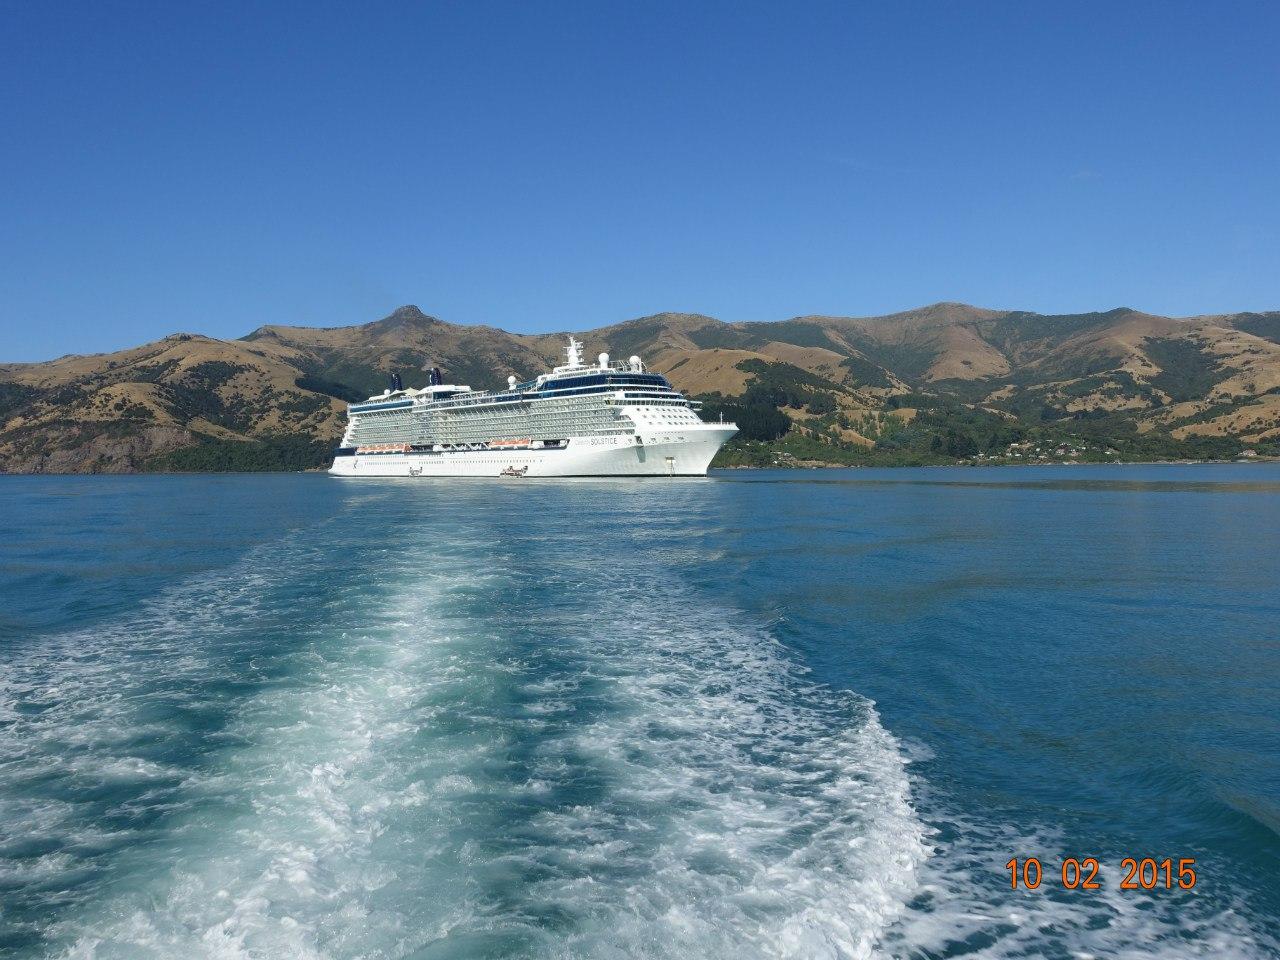 Австралия и Новая Зеландия в морском круизе на лайнере Celebrity Solstice.